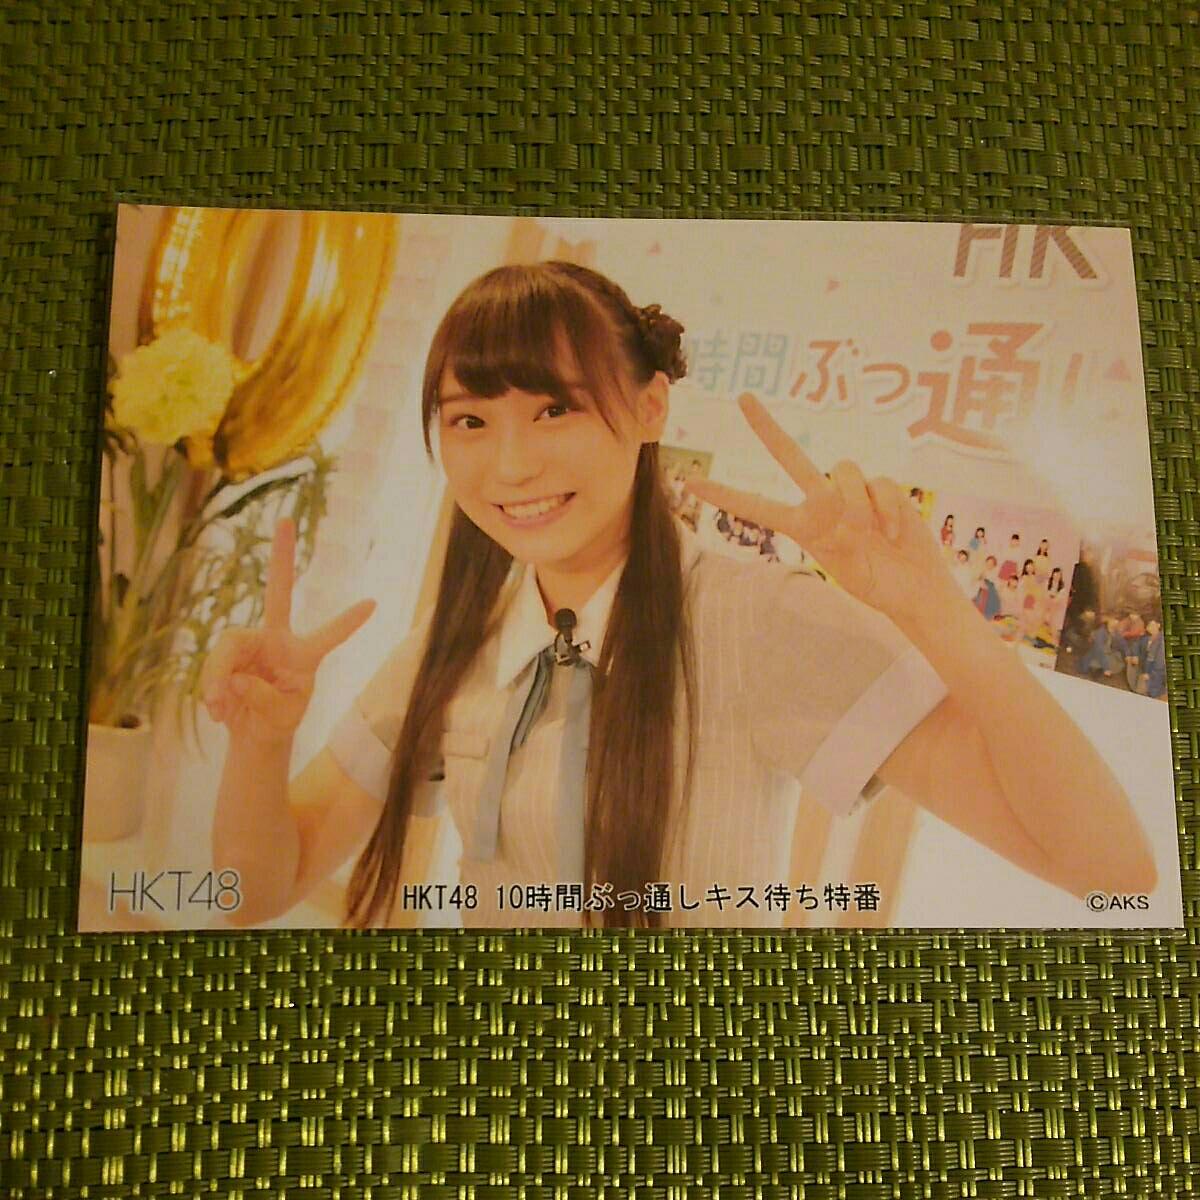 HKT48 豊永阿紀 10時間ぶっ通しキス待ち特番 限定 生写真 キスは待つしかないのでしょうか? ライブグッズの画像